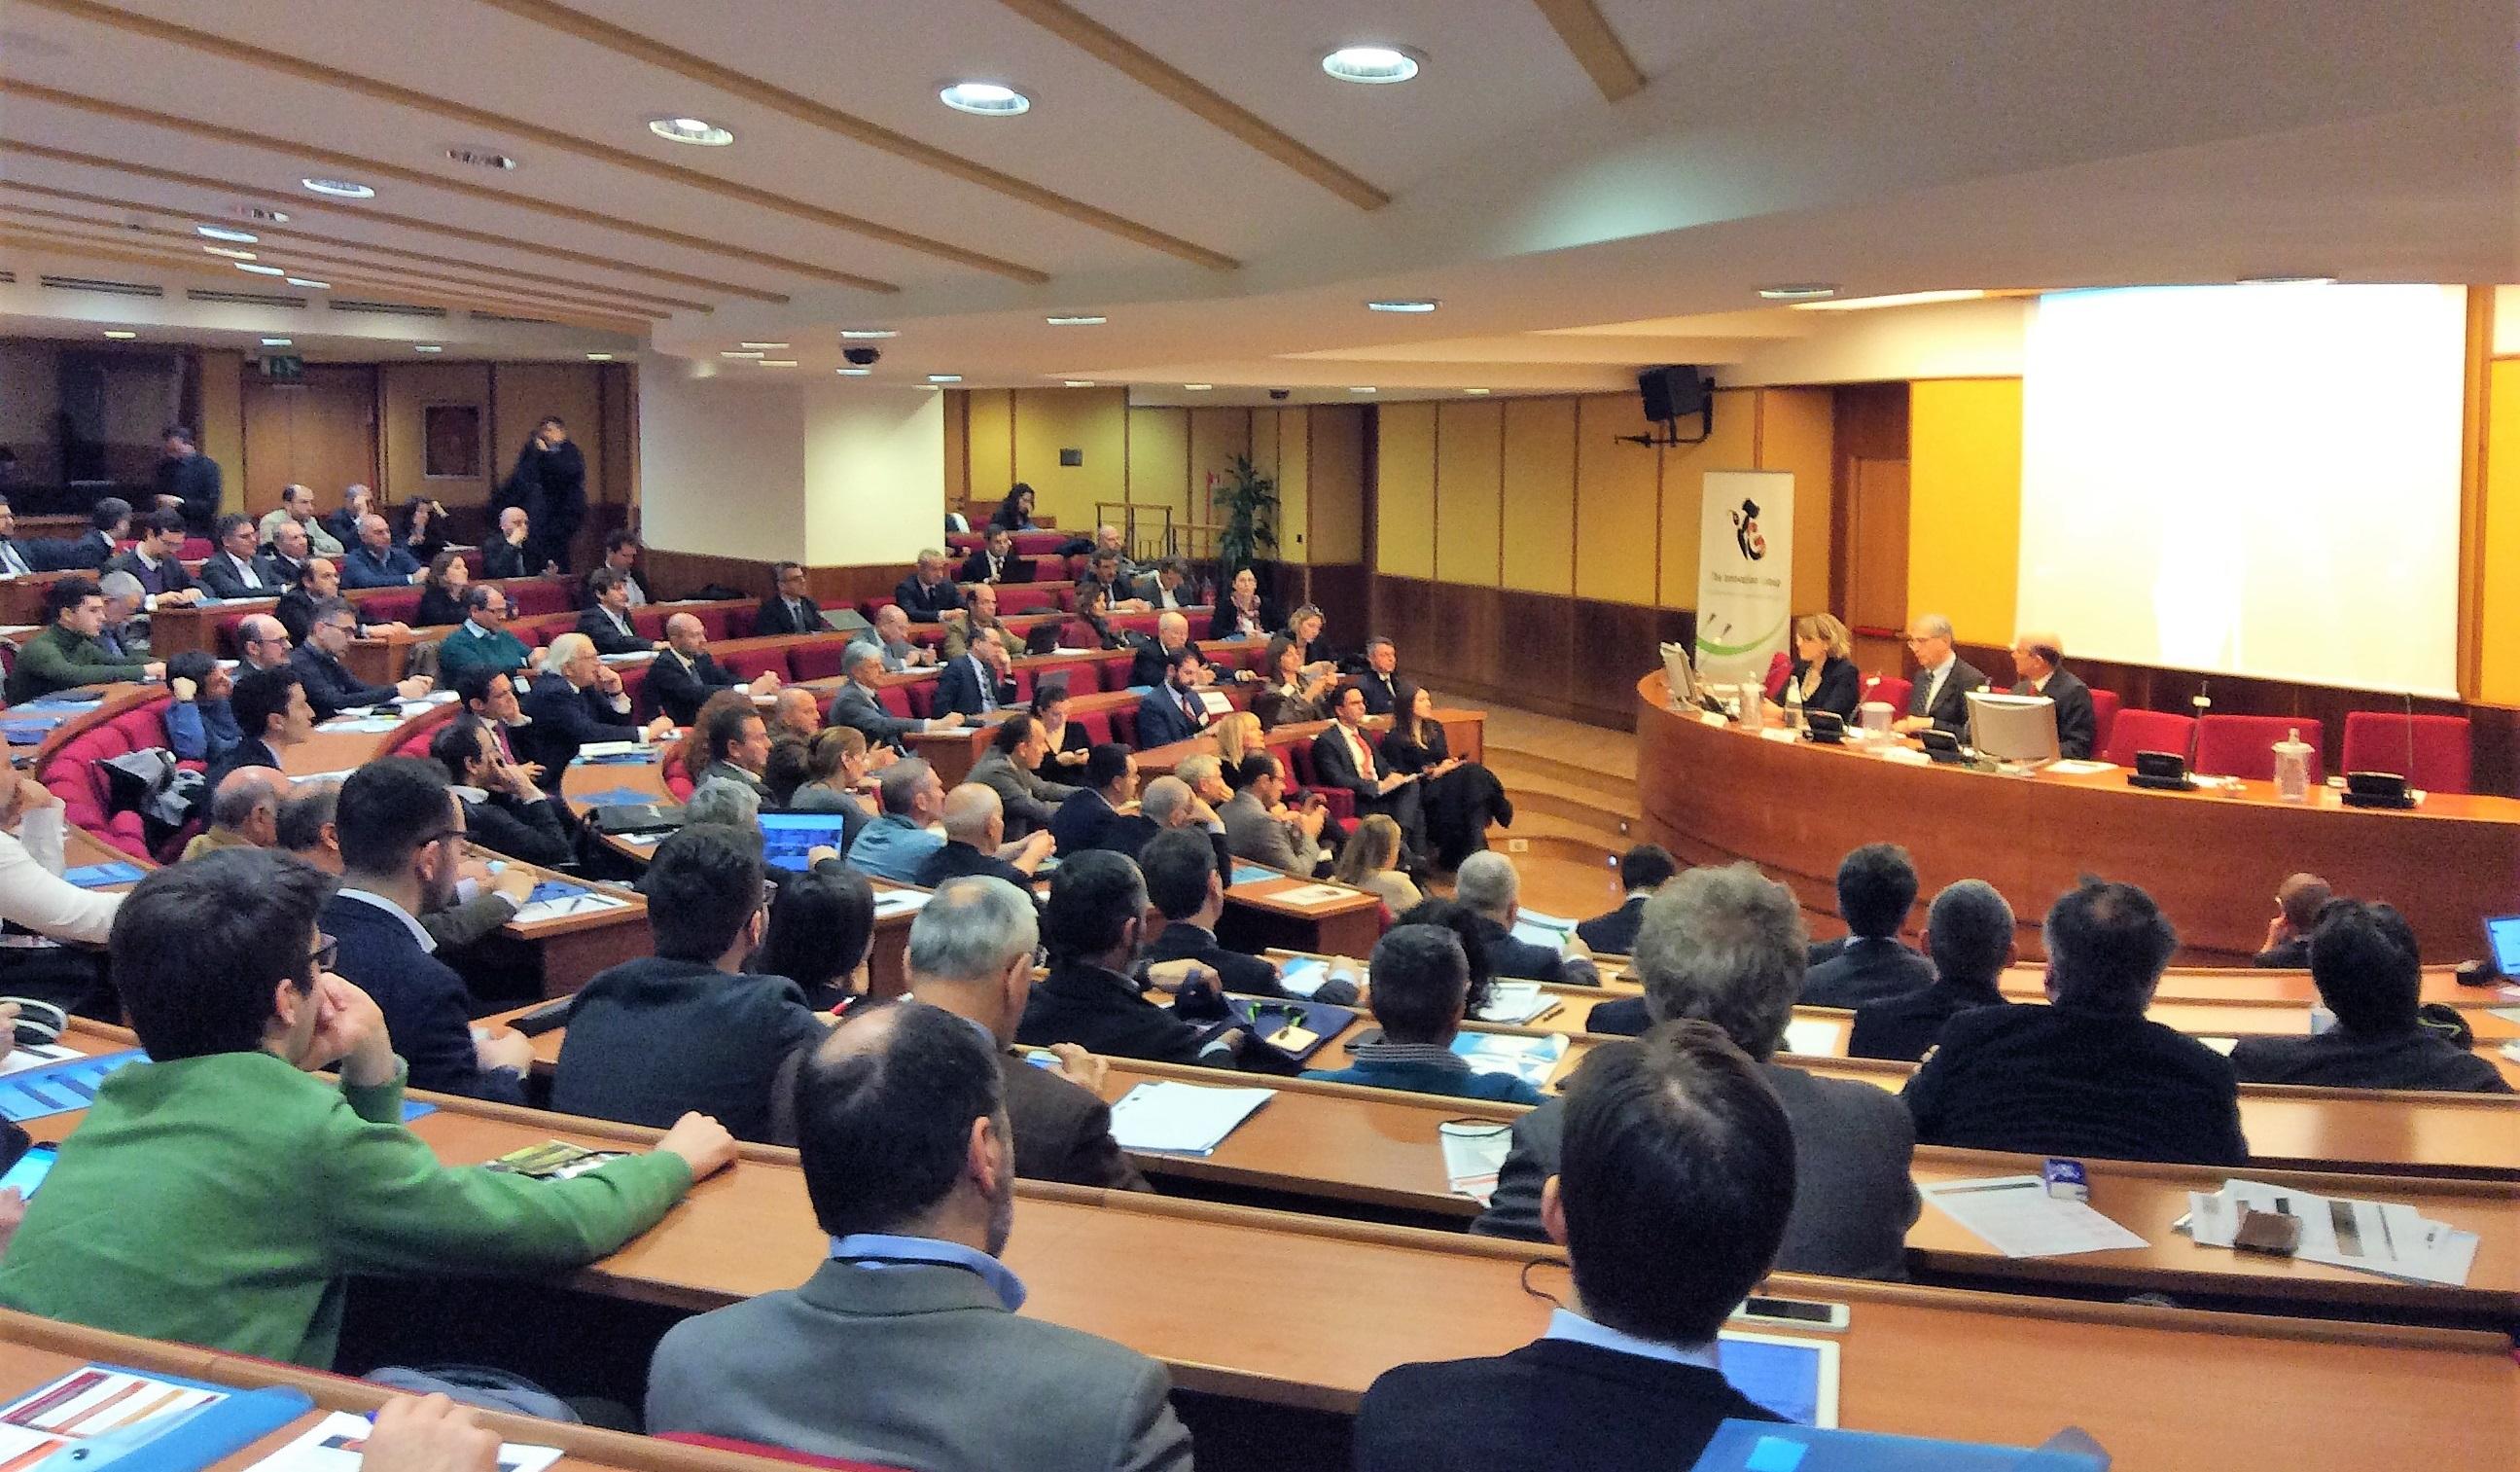 Le priorità per la Cybersecurity: collaborazione, infosharing, resilienza